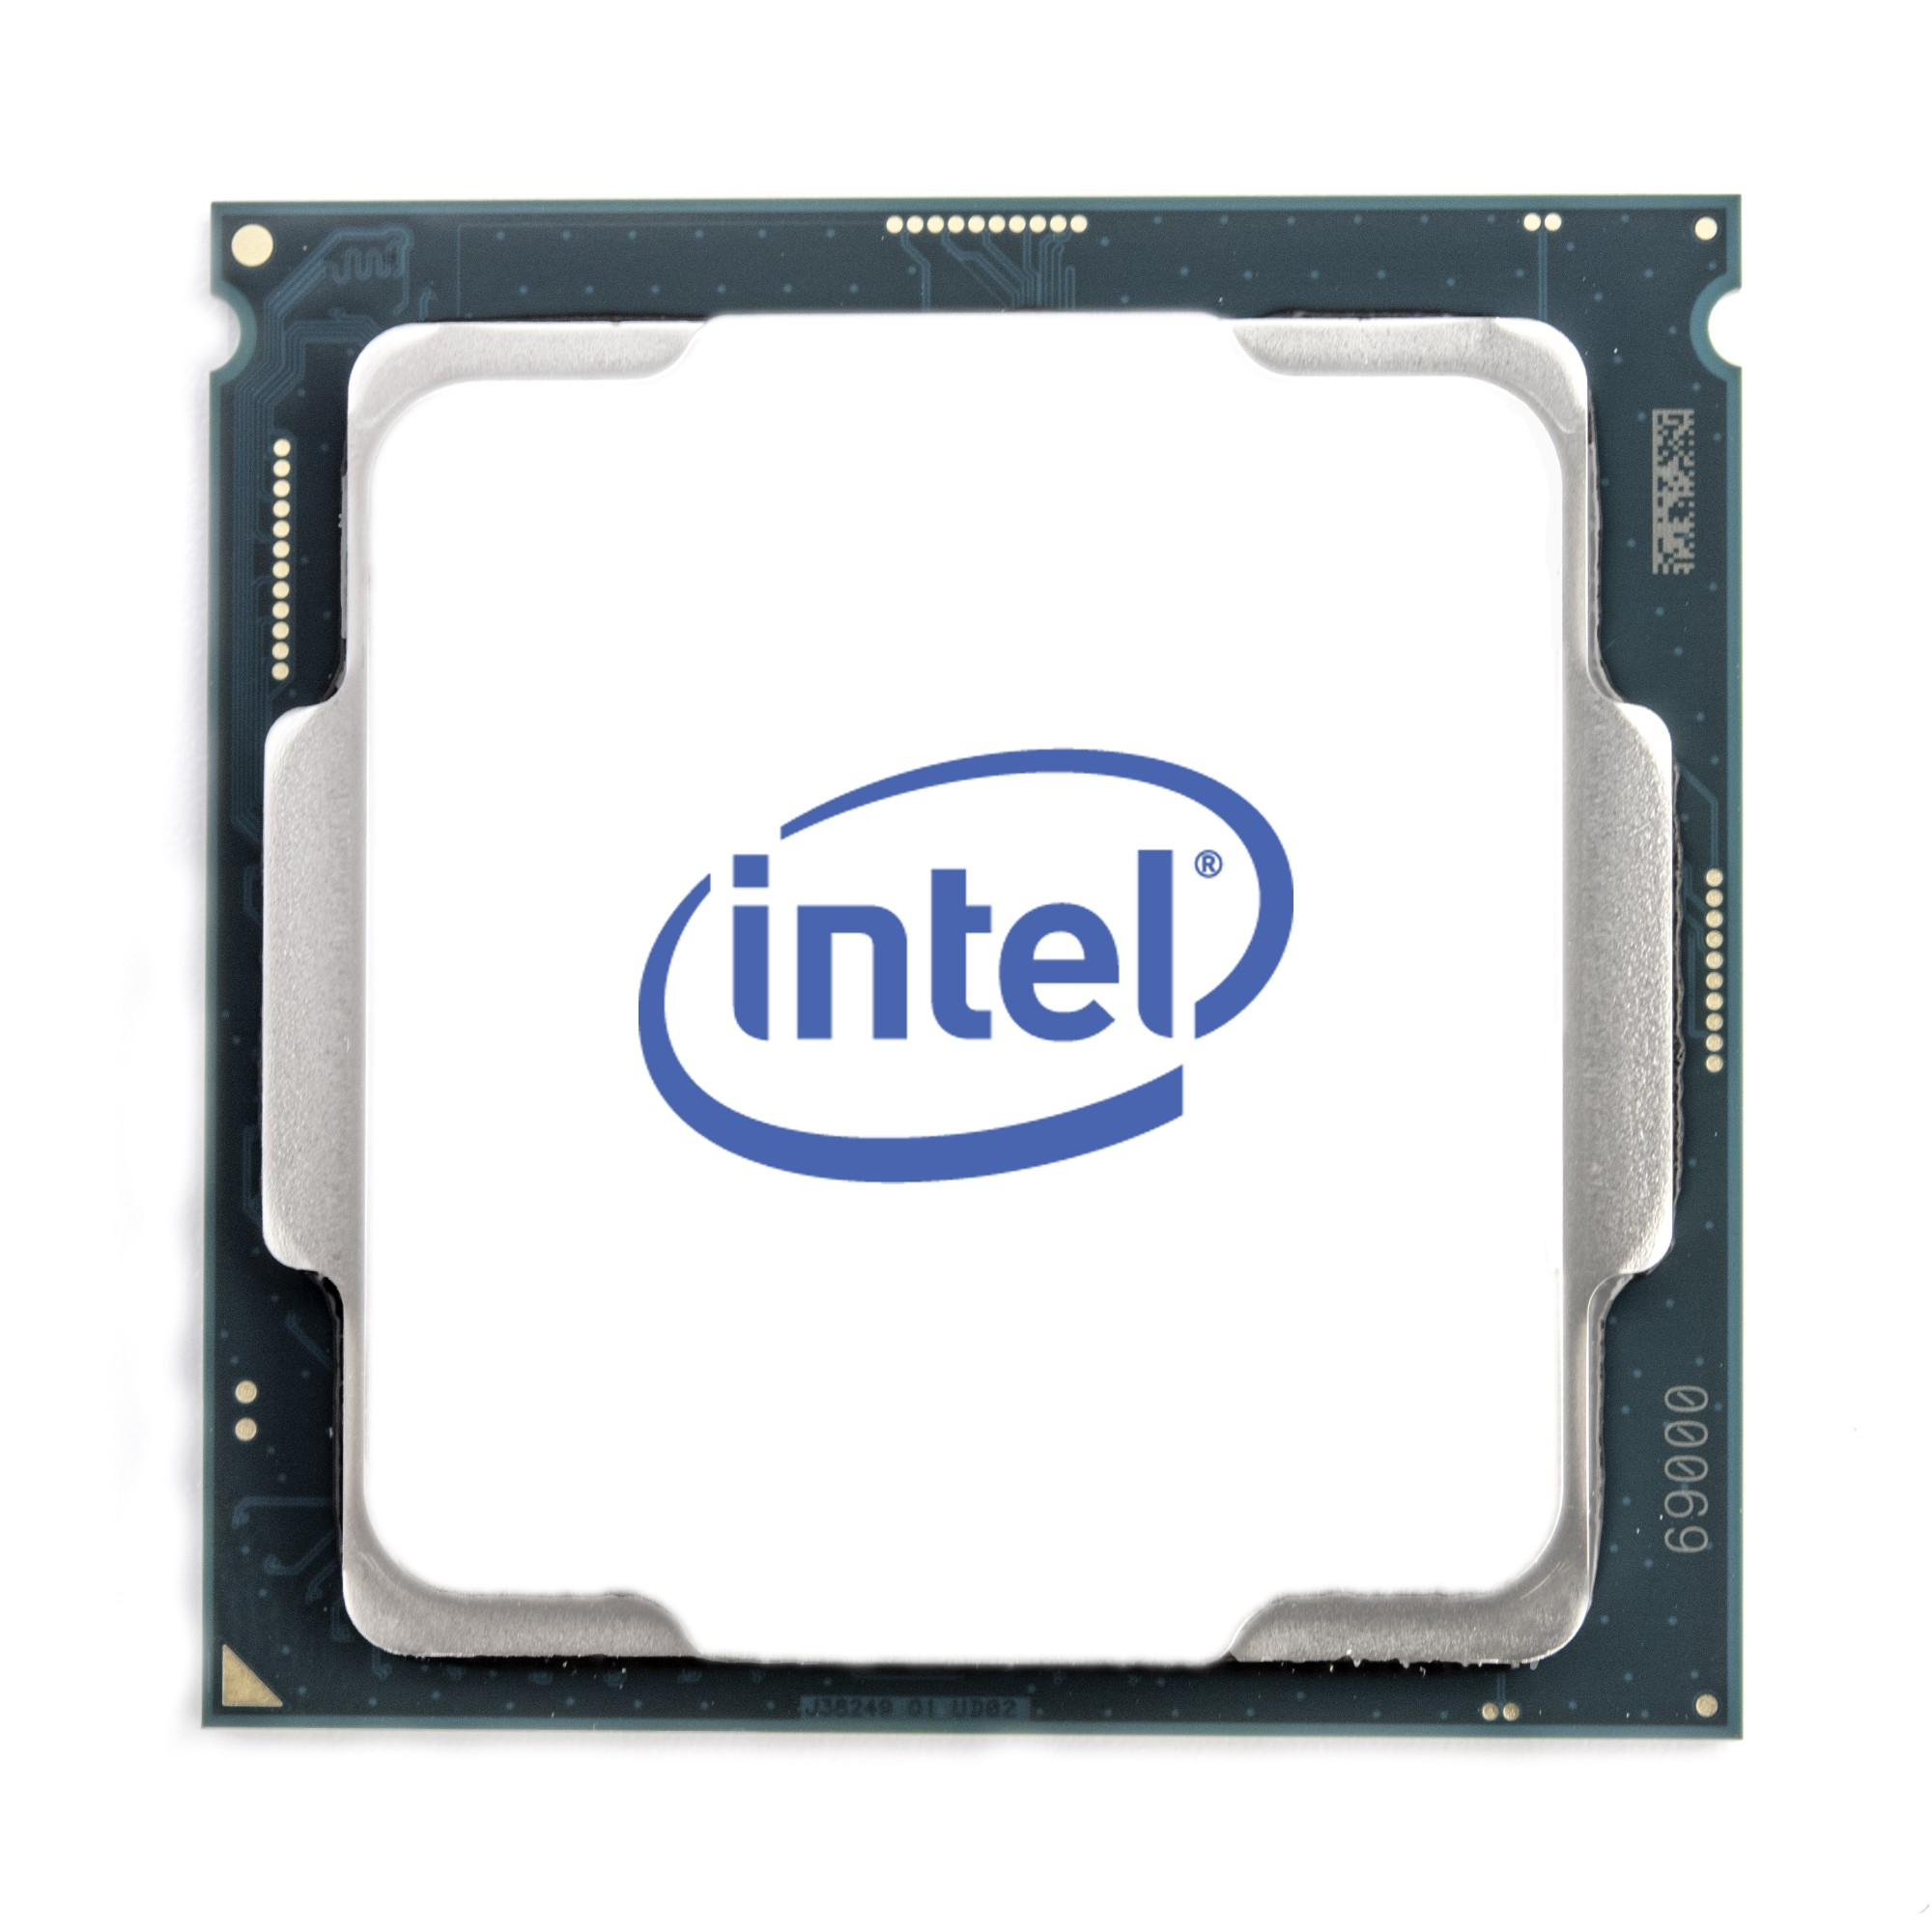 Intel Core i5-9400 processor 2.9 GHz 9 MB Smart Cache Box